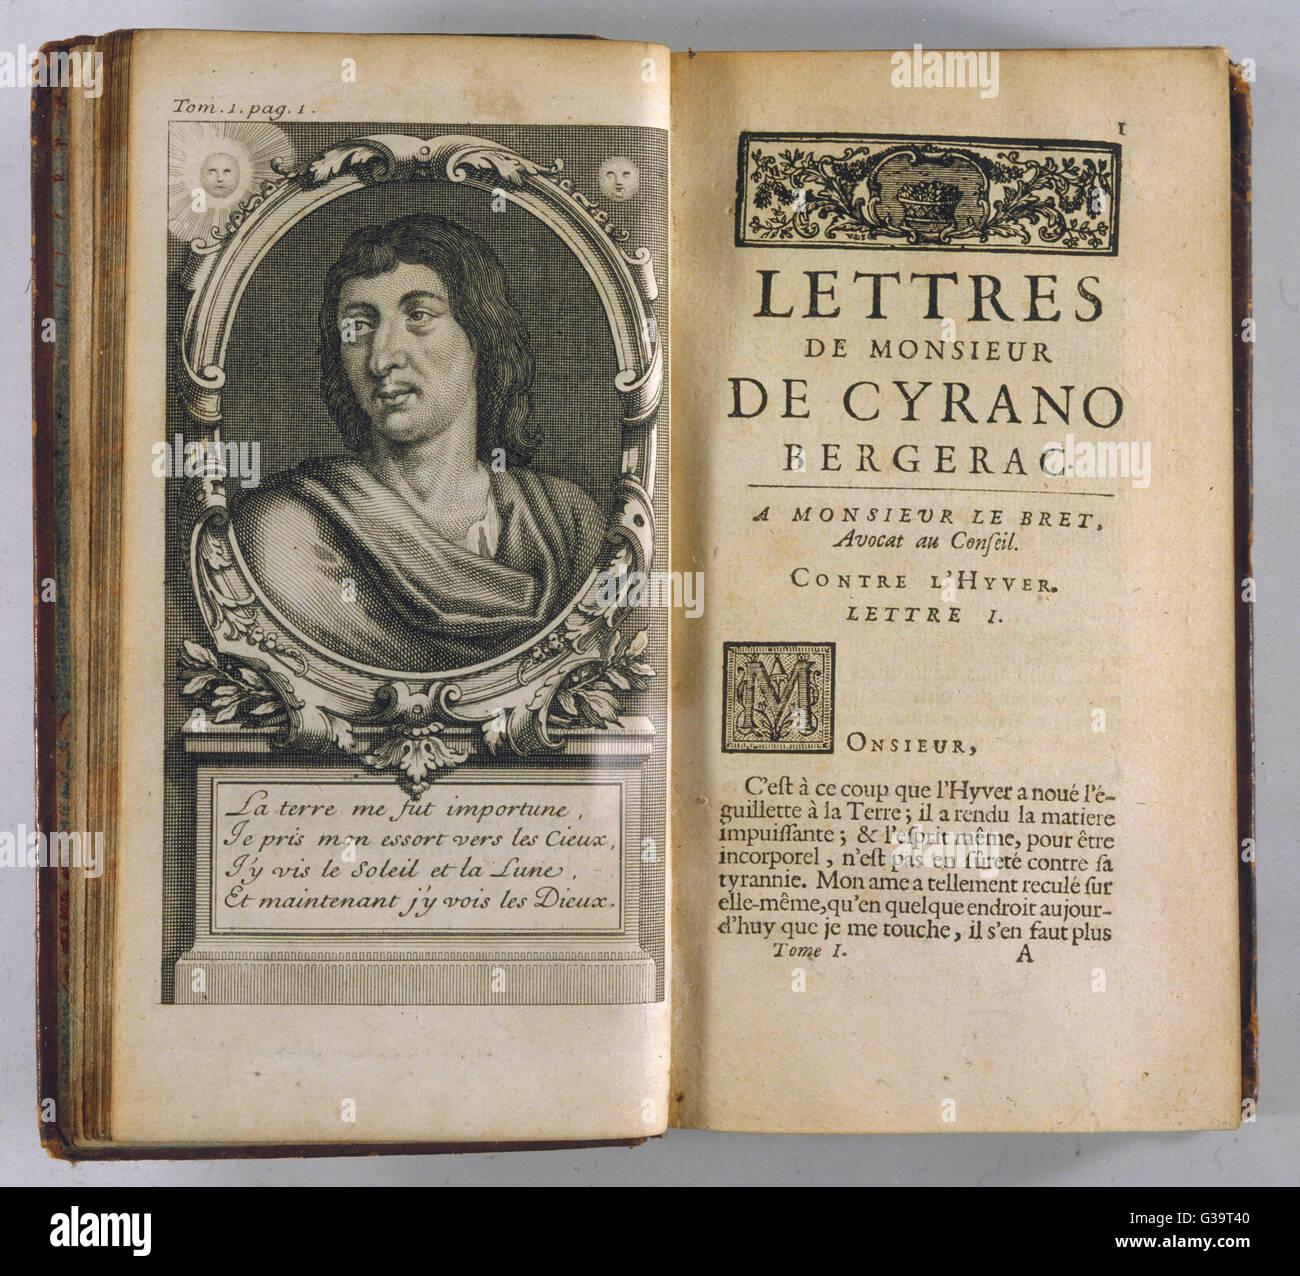 Savinien De Cyrano De Bergerac French Poet And Sol R